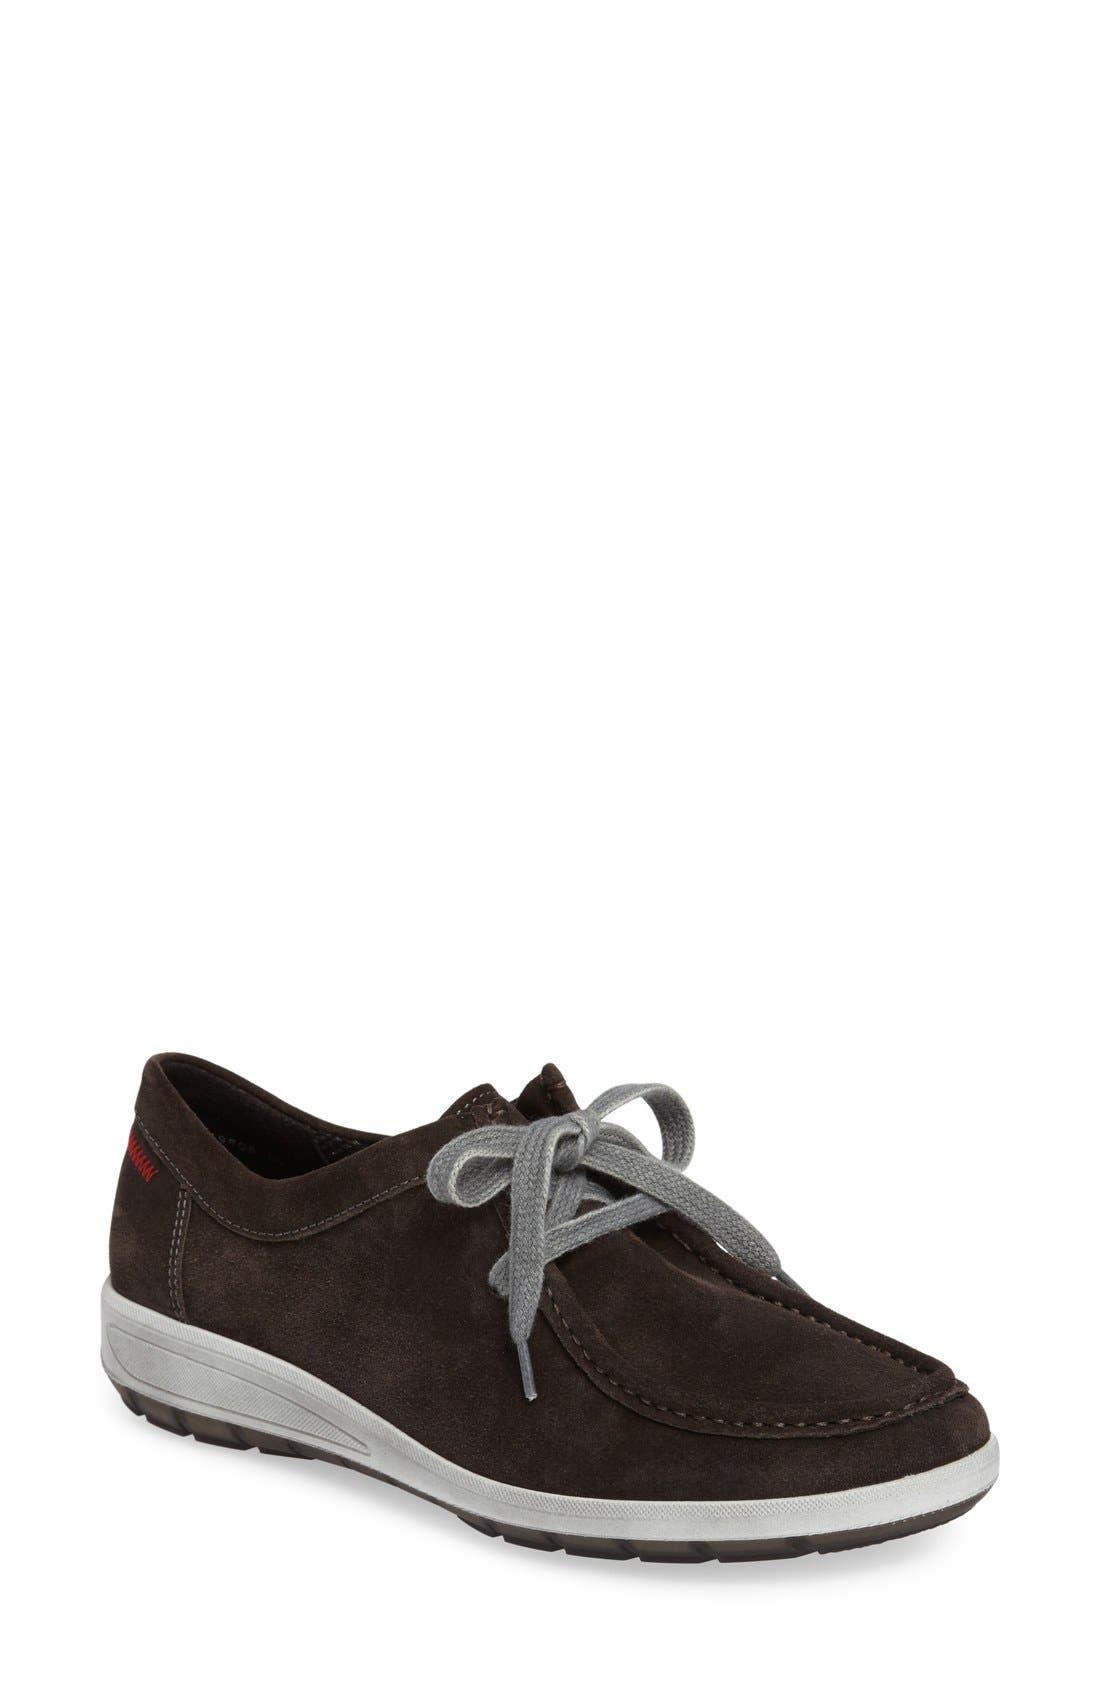 Trista Sneaker,                             Main thumbnail 1, color,                             LAVA SUEDE